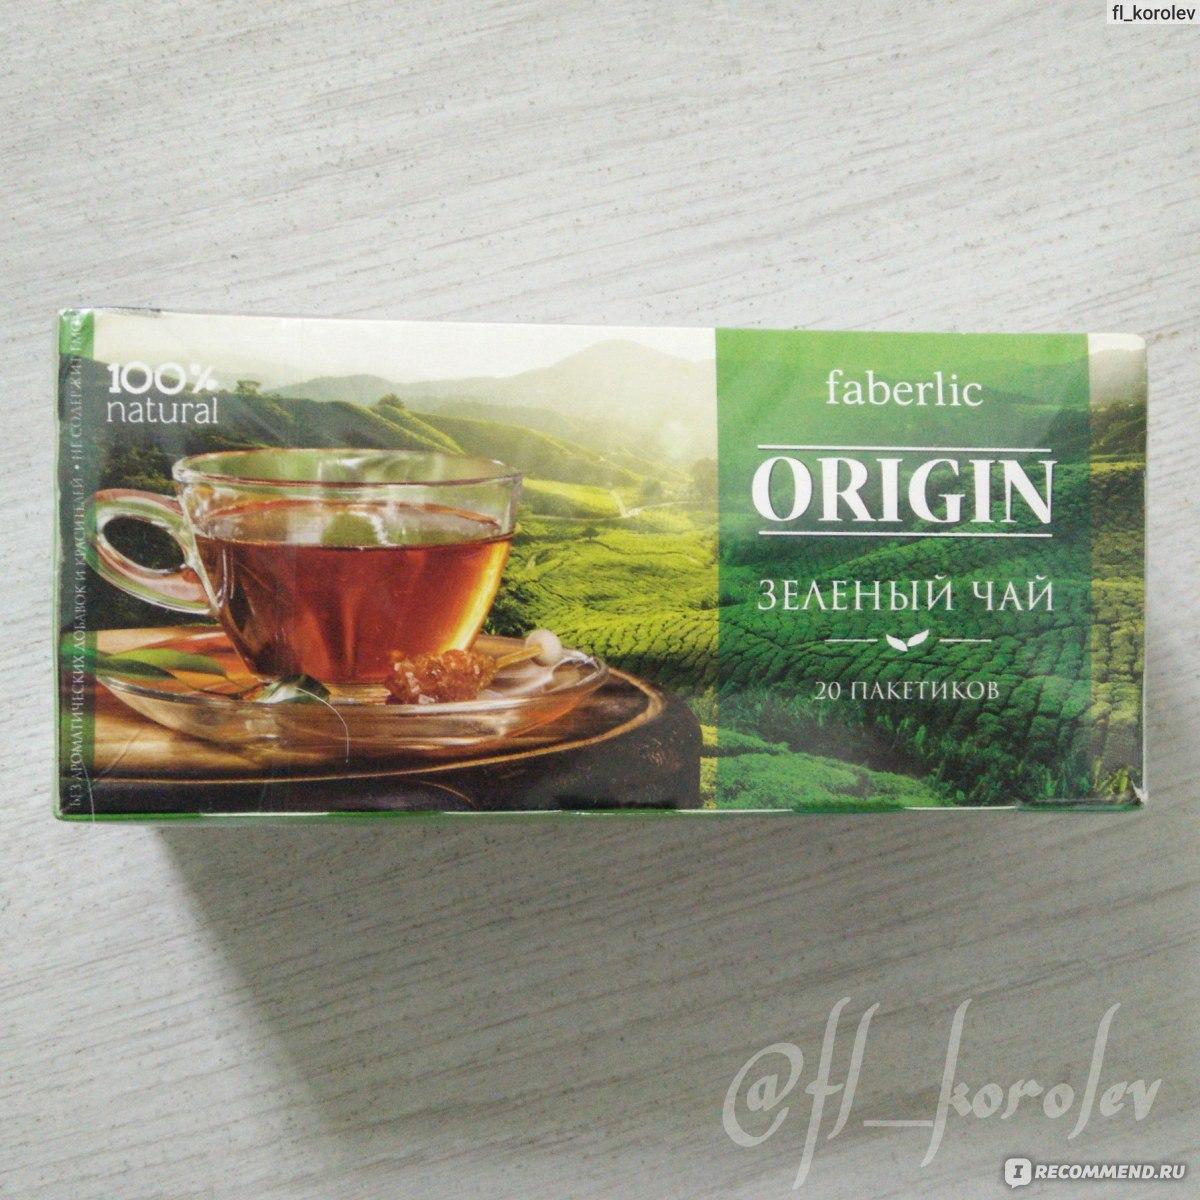 Китайский чай для похудения и удовольствия: души не чаю